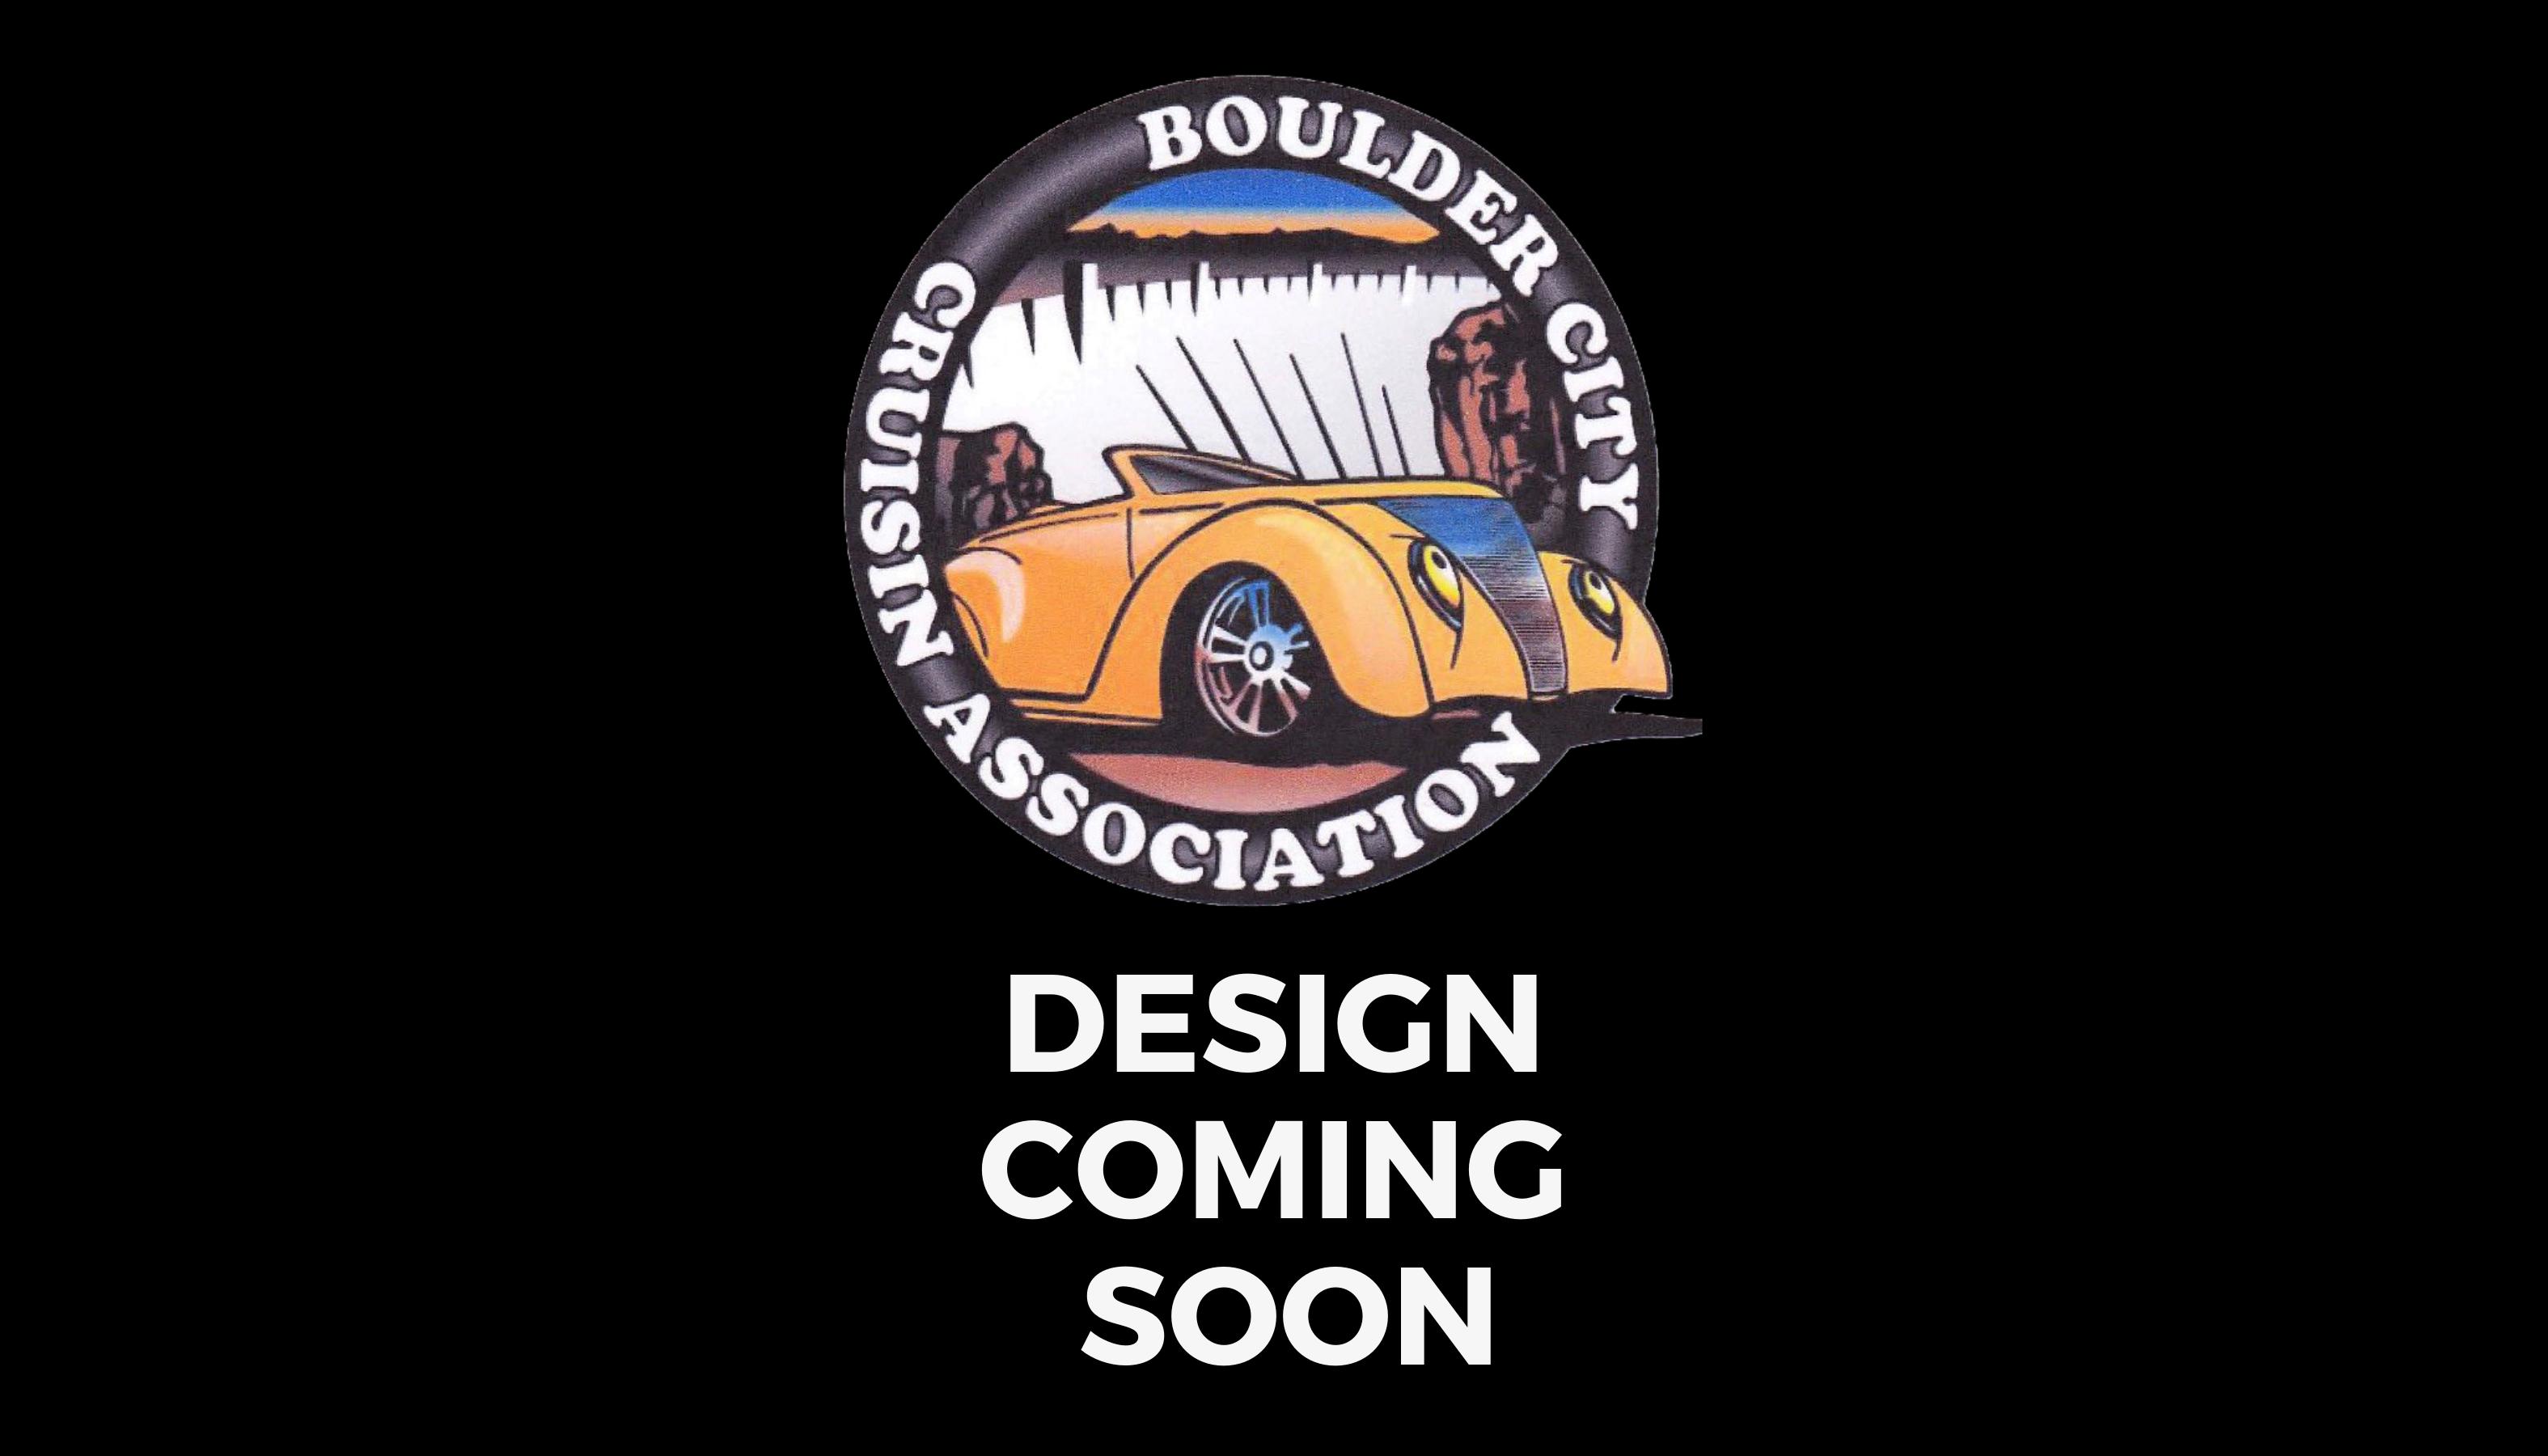 henderson industrial days car show t shirt boulder city cruisin association boulder city cruisin association